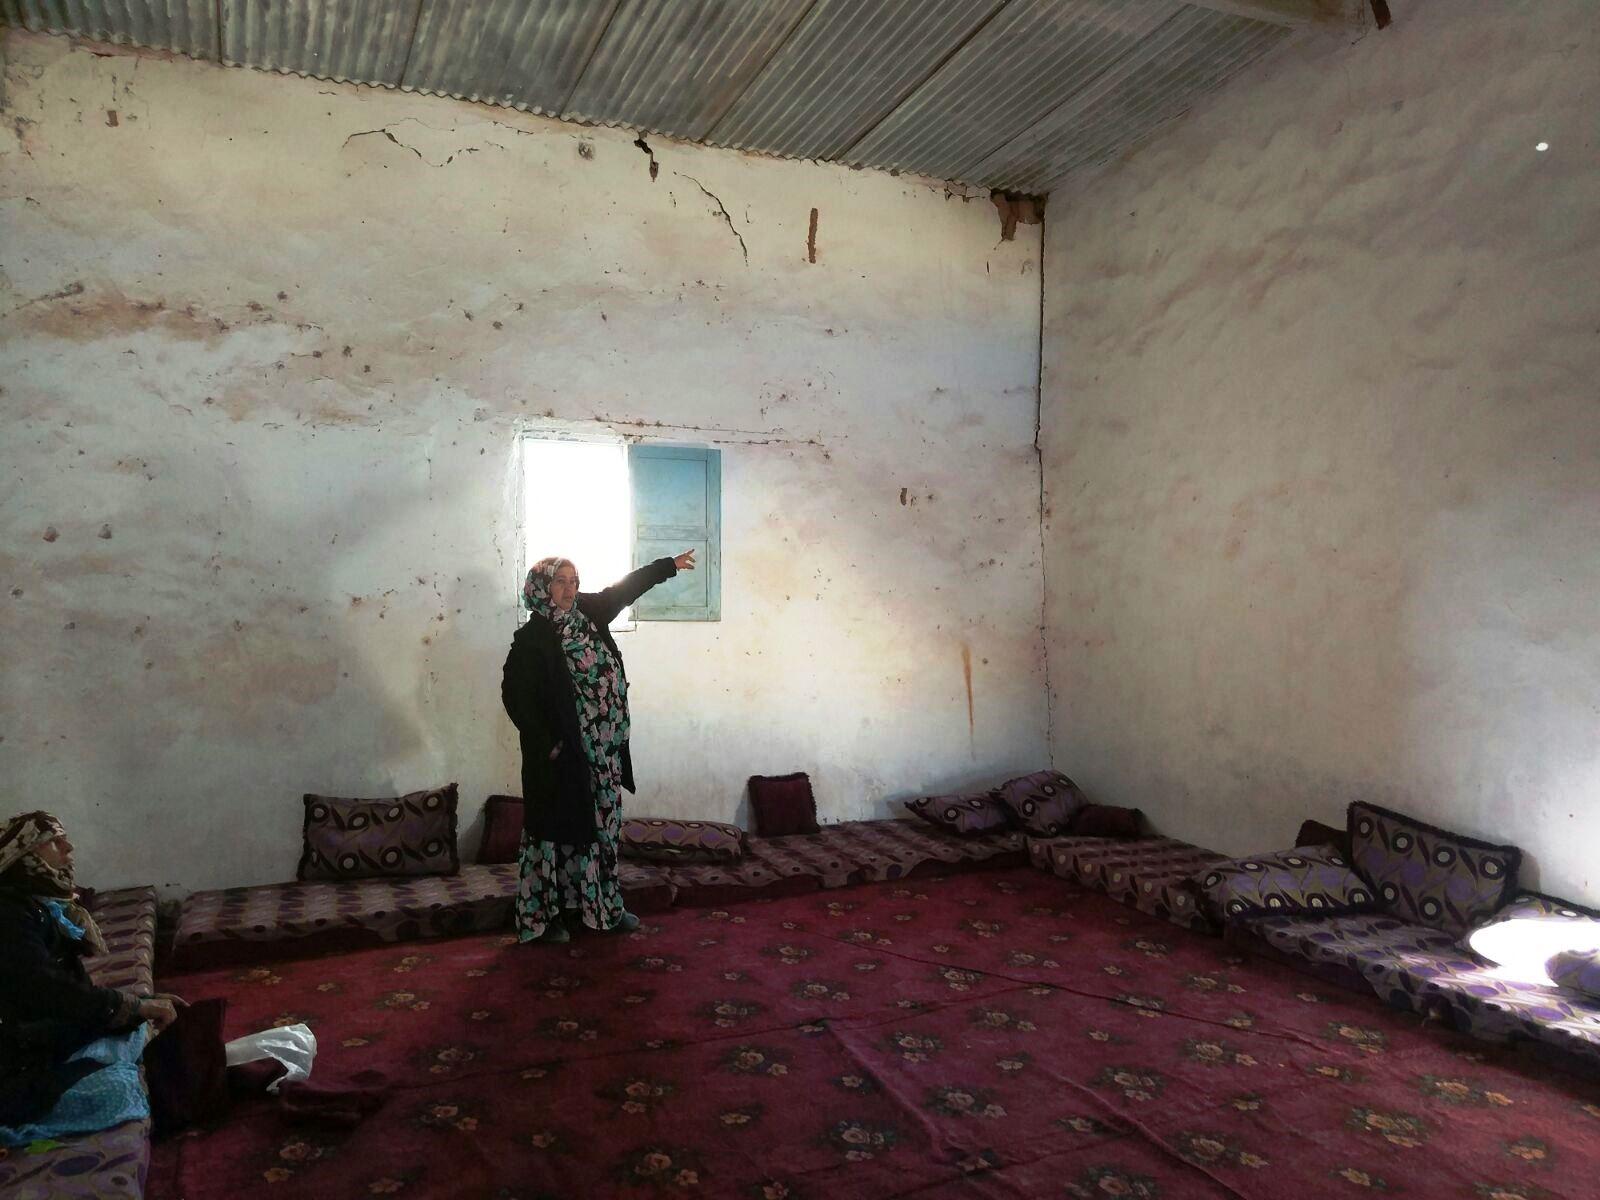 educacion-vacaciones-en-paz-libre-fedesaex_viaje de identificacion_sahara-extremadura-campamentos-refugiados-tindouf-17